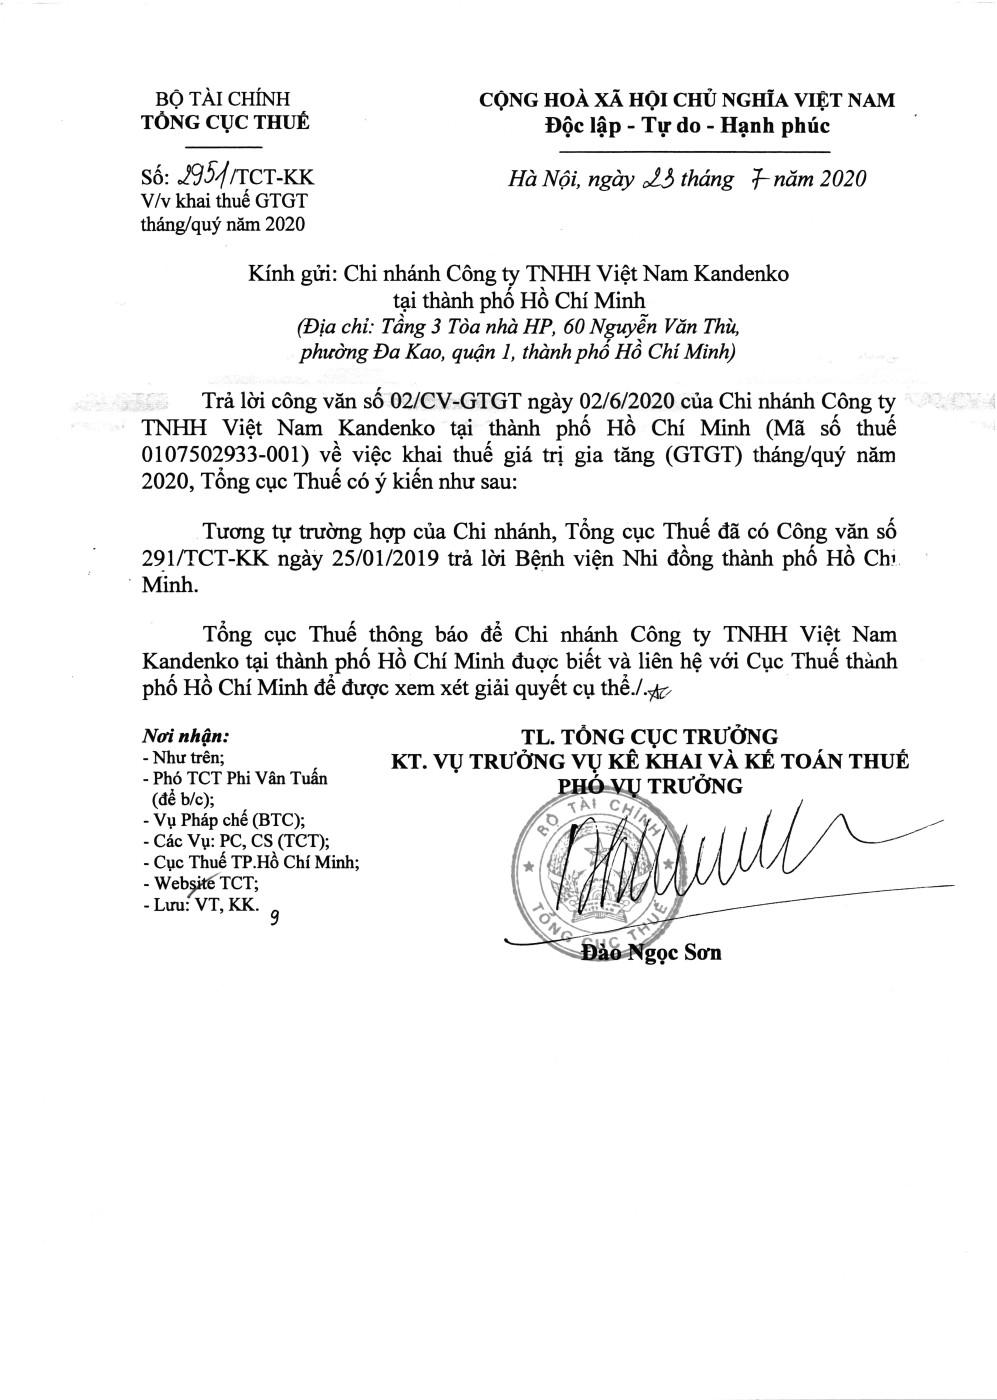 Công văn số 2951/TCT-KK của Tổng cục Thuế ngày 23/07/2020 v/v khai thuế GTGT tháng/quý năm 2020